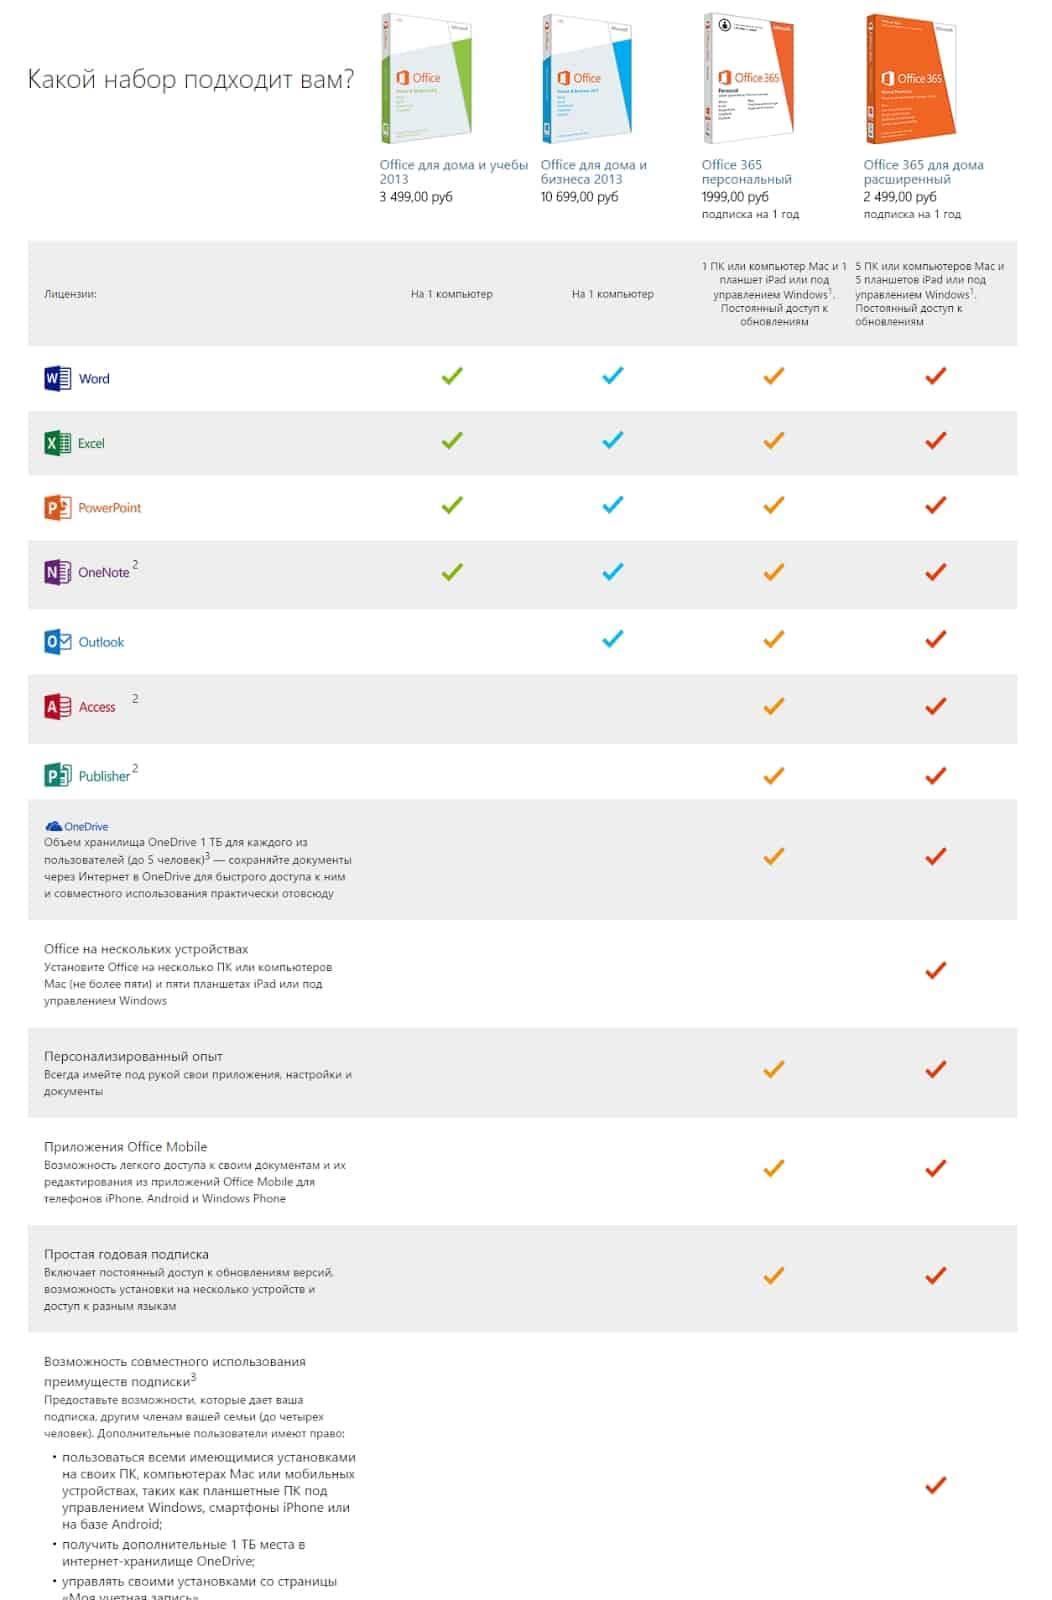 Где бесплатно скачать или купить PowerPoint для Windows, Mac, Android, iPhone и iPad